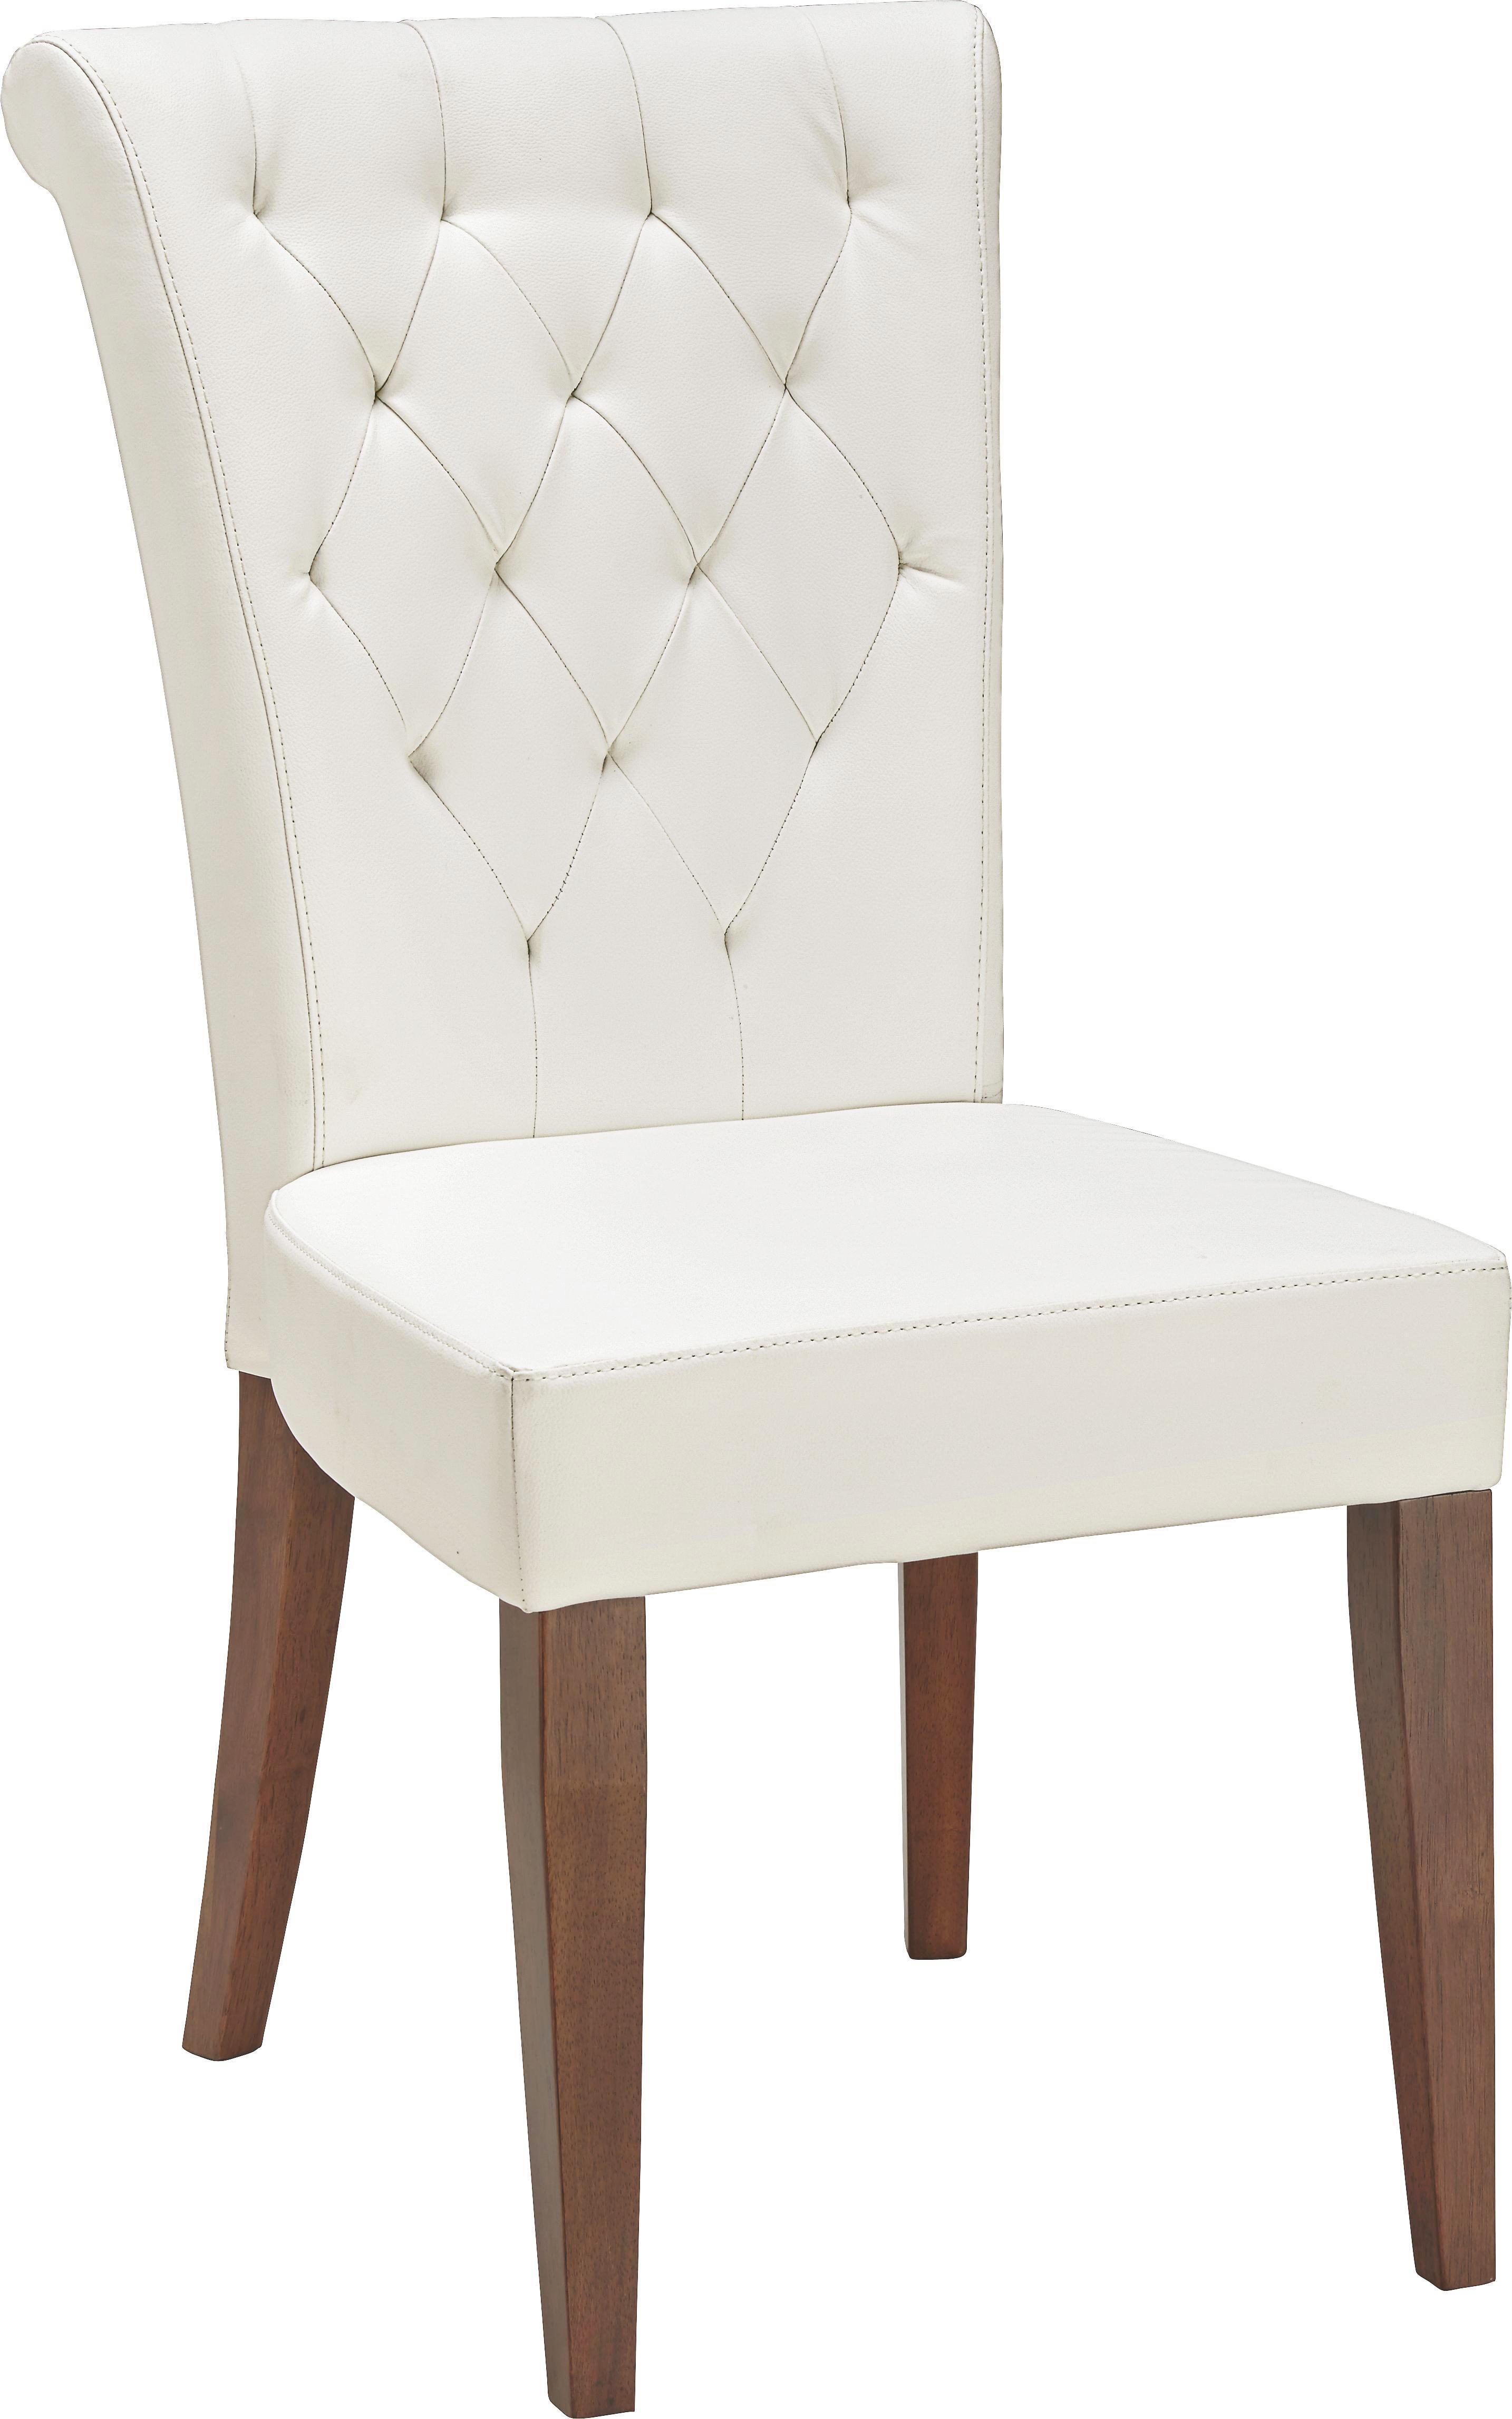 Sessel weiß  Sessel in Weiß online kaufen ➤ mömax